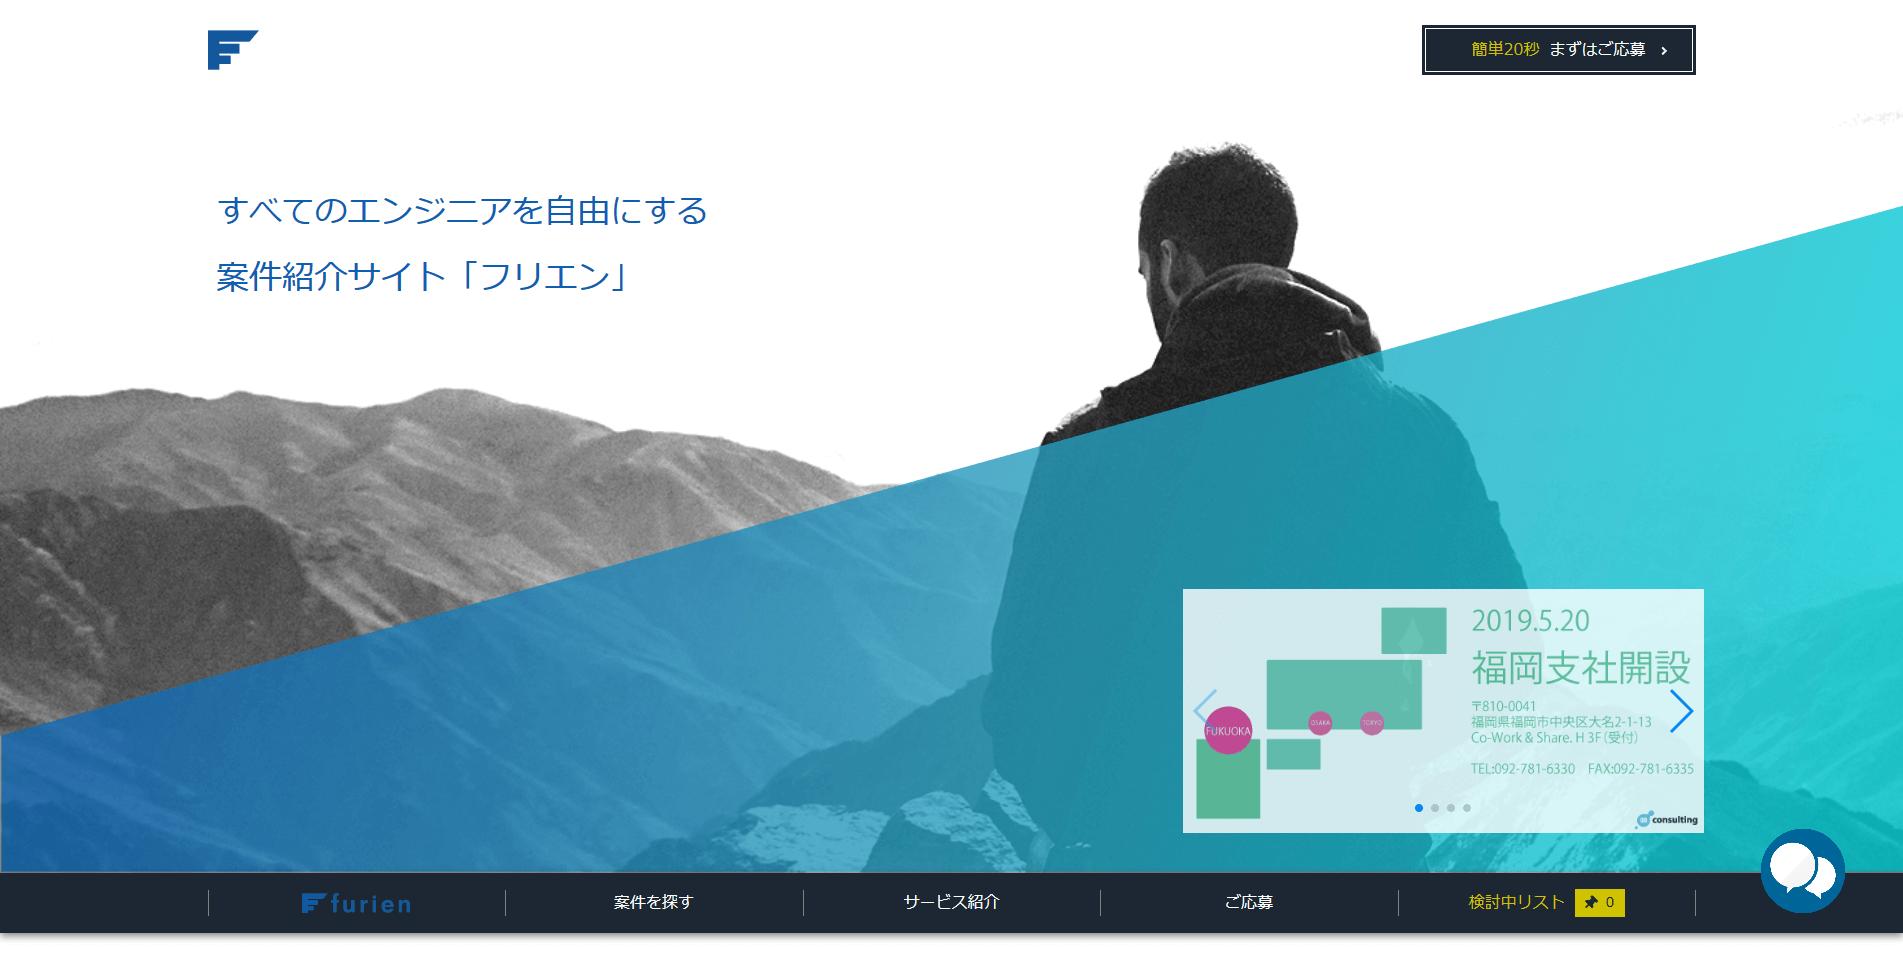 【最新】勝手にホームページリニューアル分析〜フリエン編〜